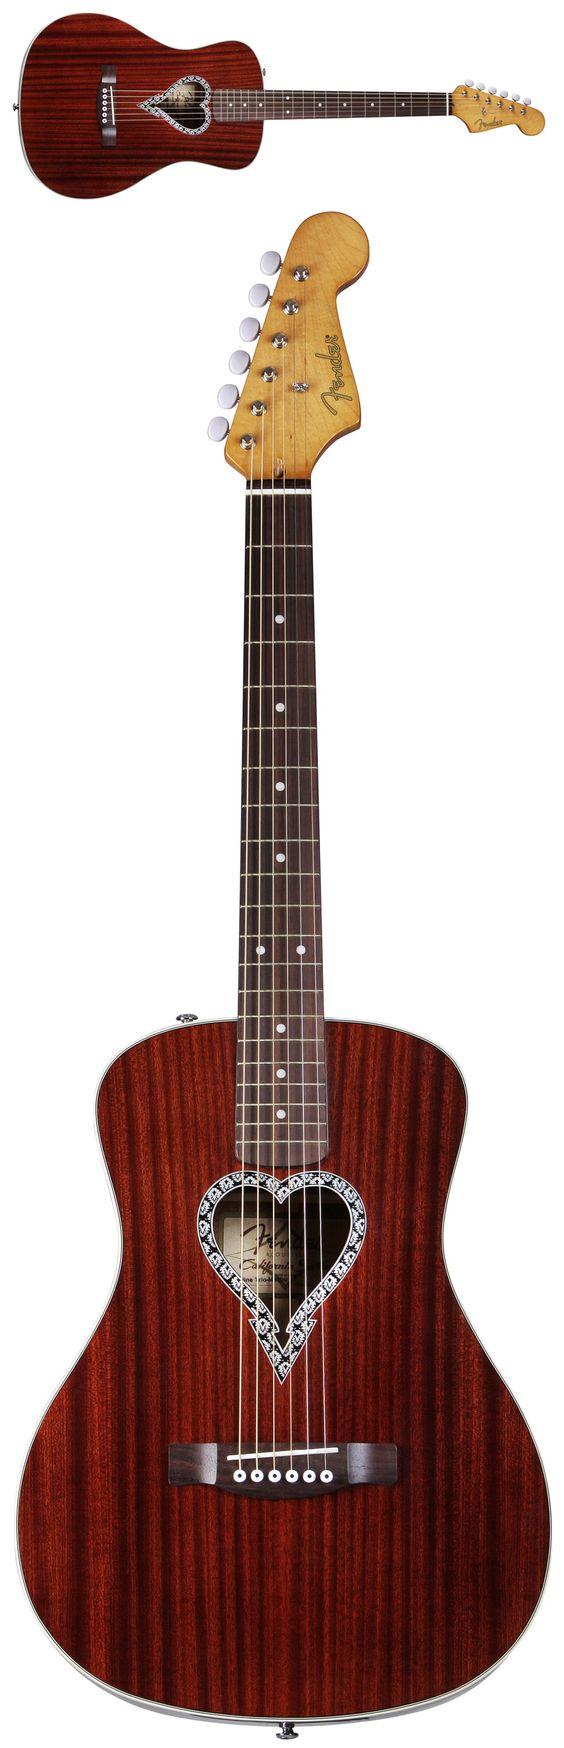 Fender Alkaline Trio Signature Malibu Acoustic Guitar